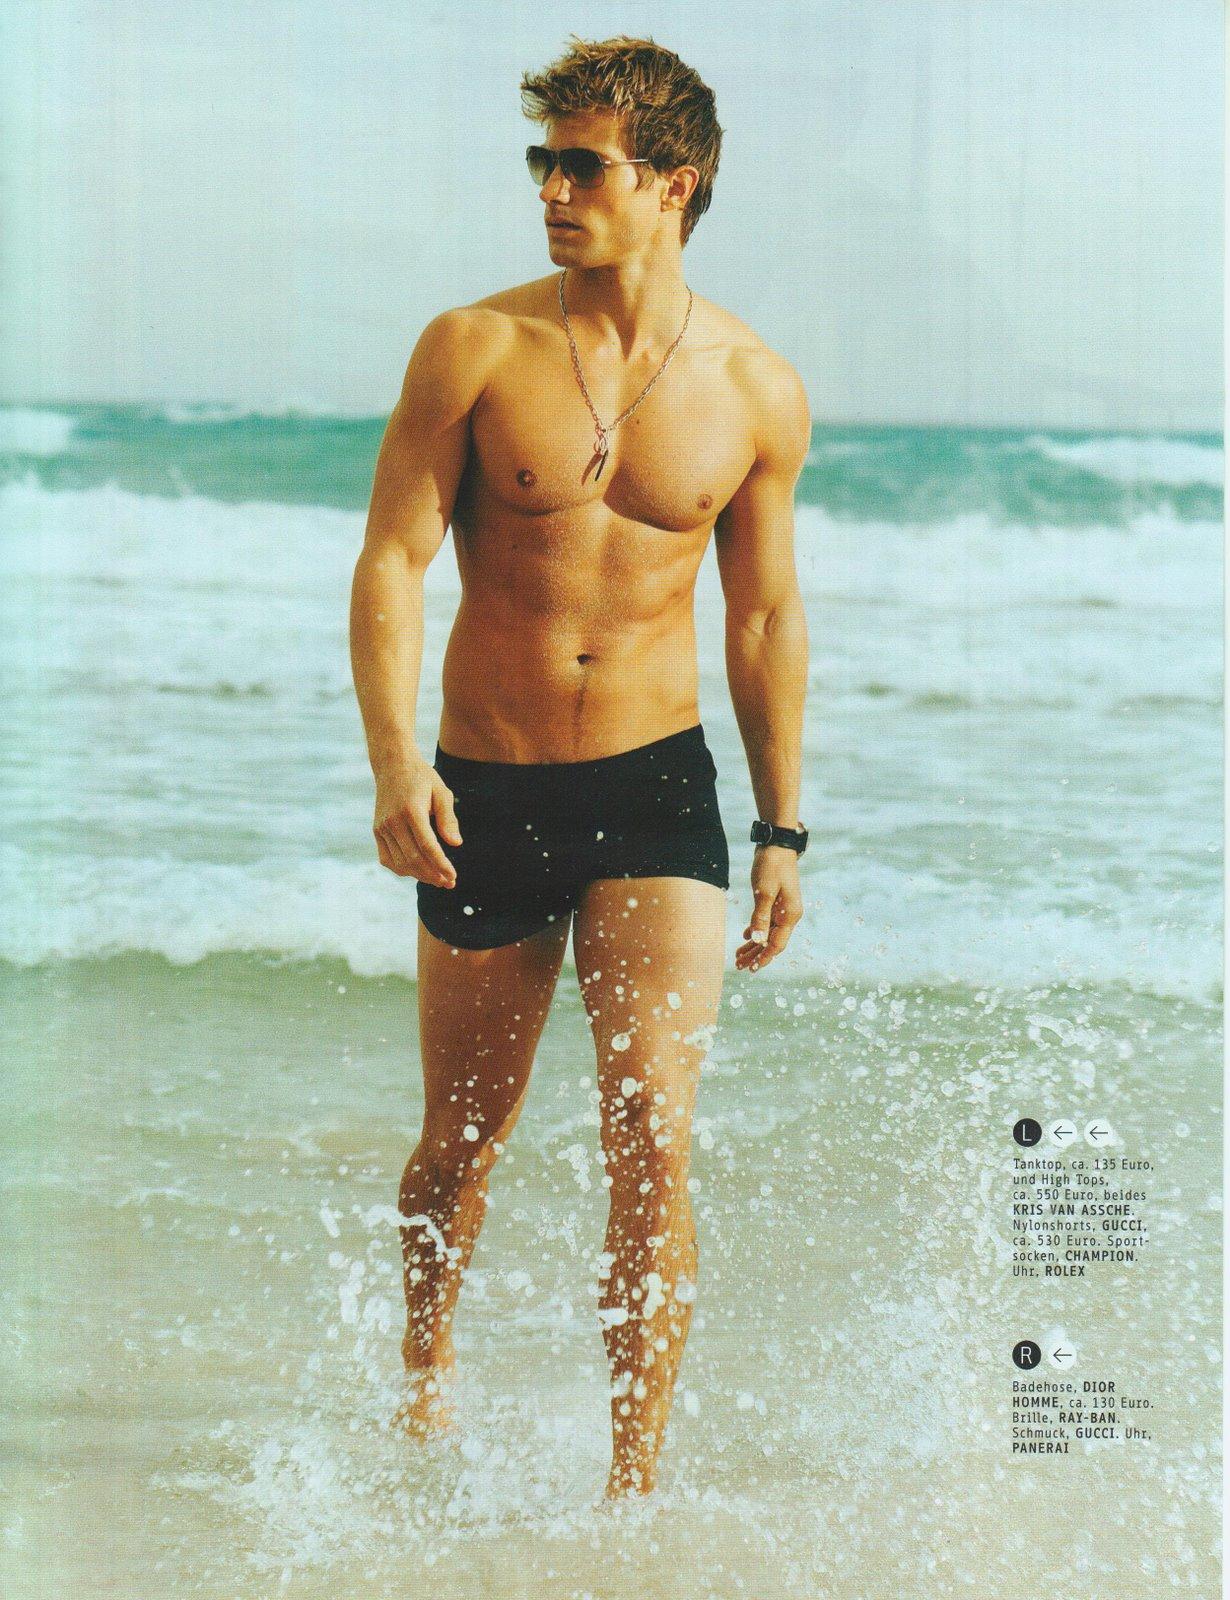 Самые красивые фото мужчин на пляже